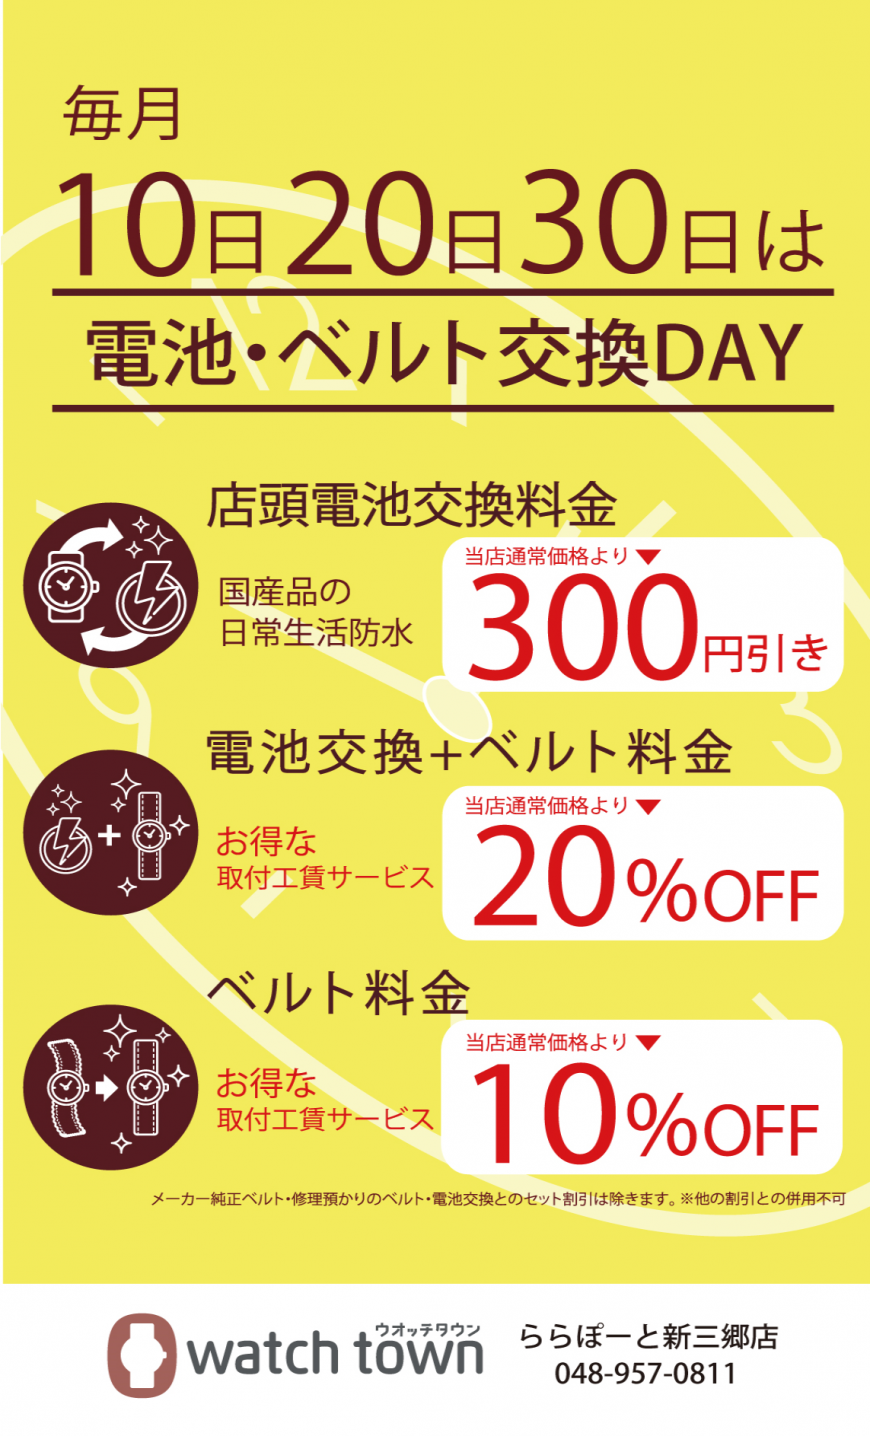 ららぽーと新三郷店周辺にお住まいのお客様に耳寄りな情報です!!